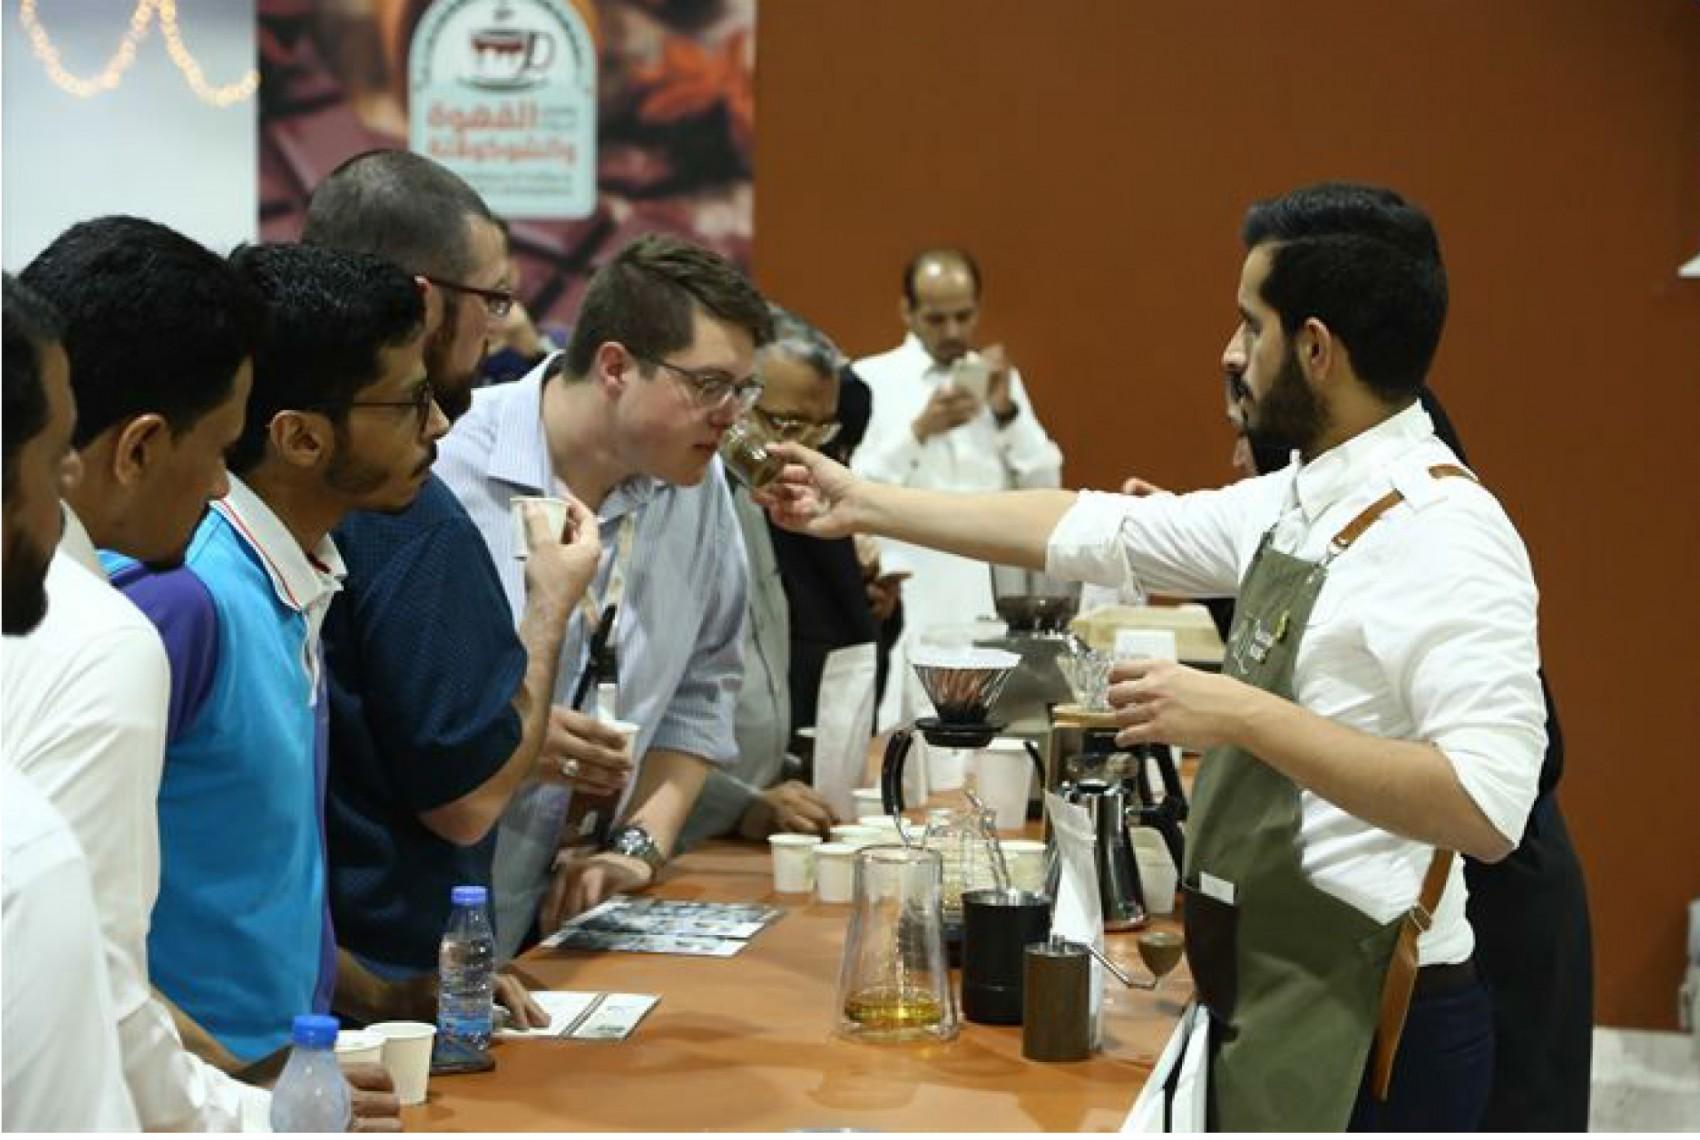 persiviendo el olor del cafe de especialidad